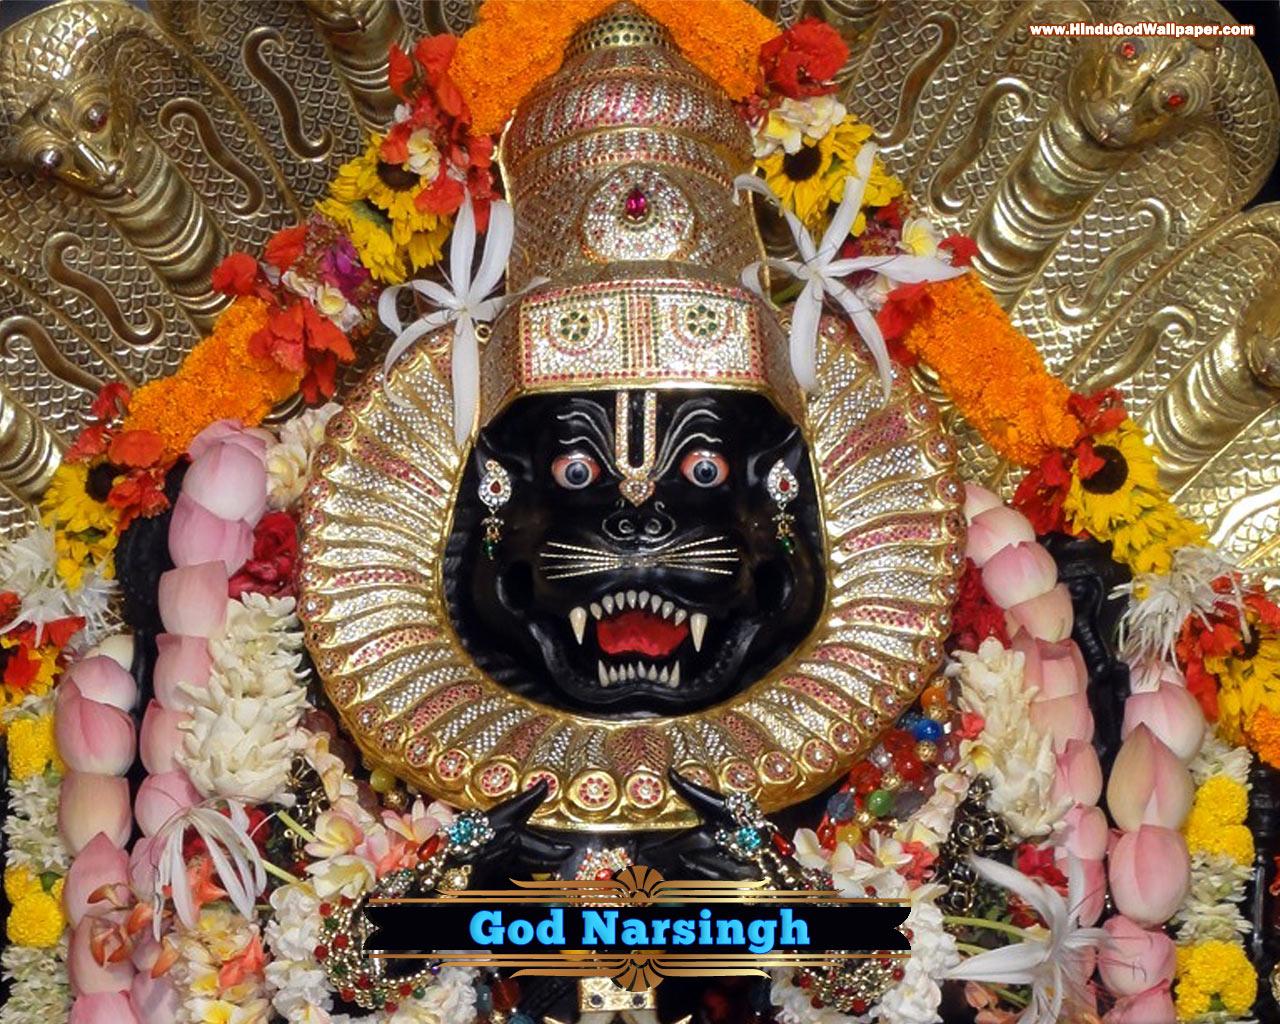 narsingh bhagwan god